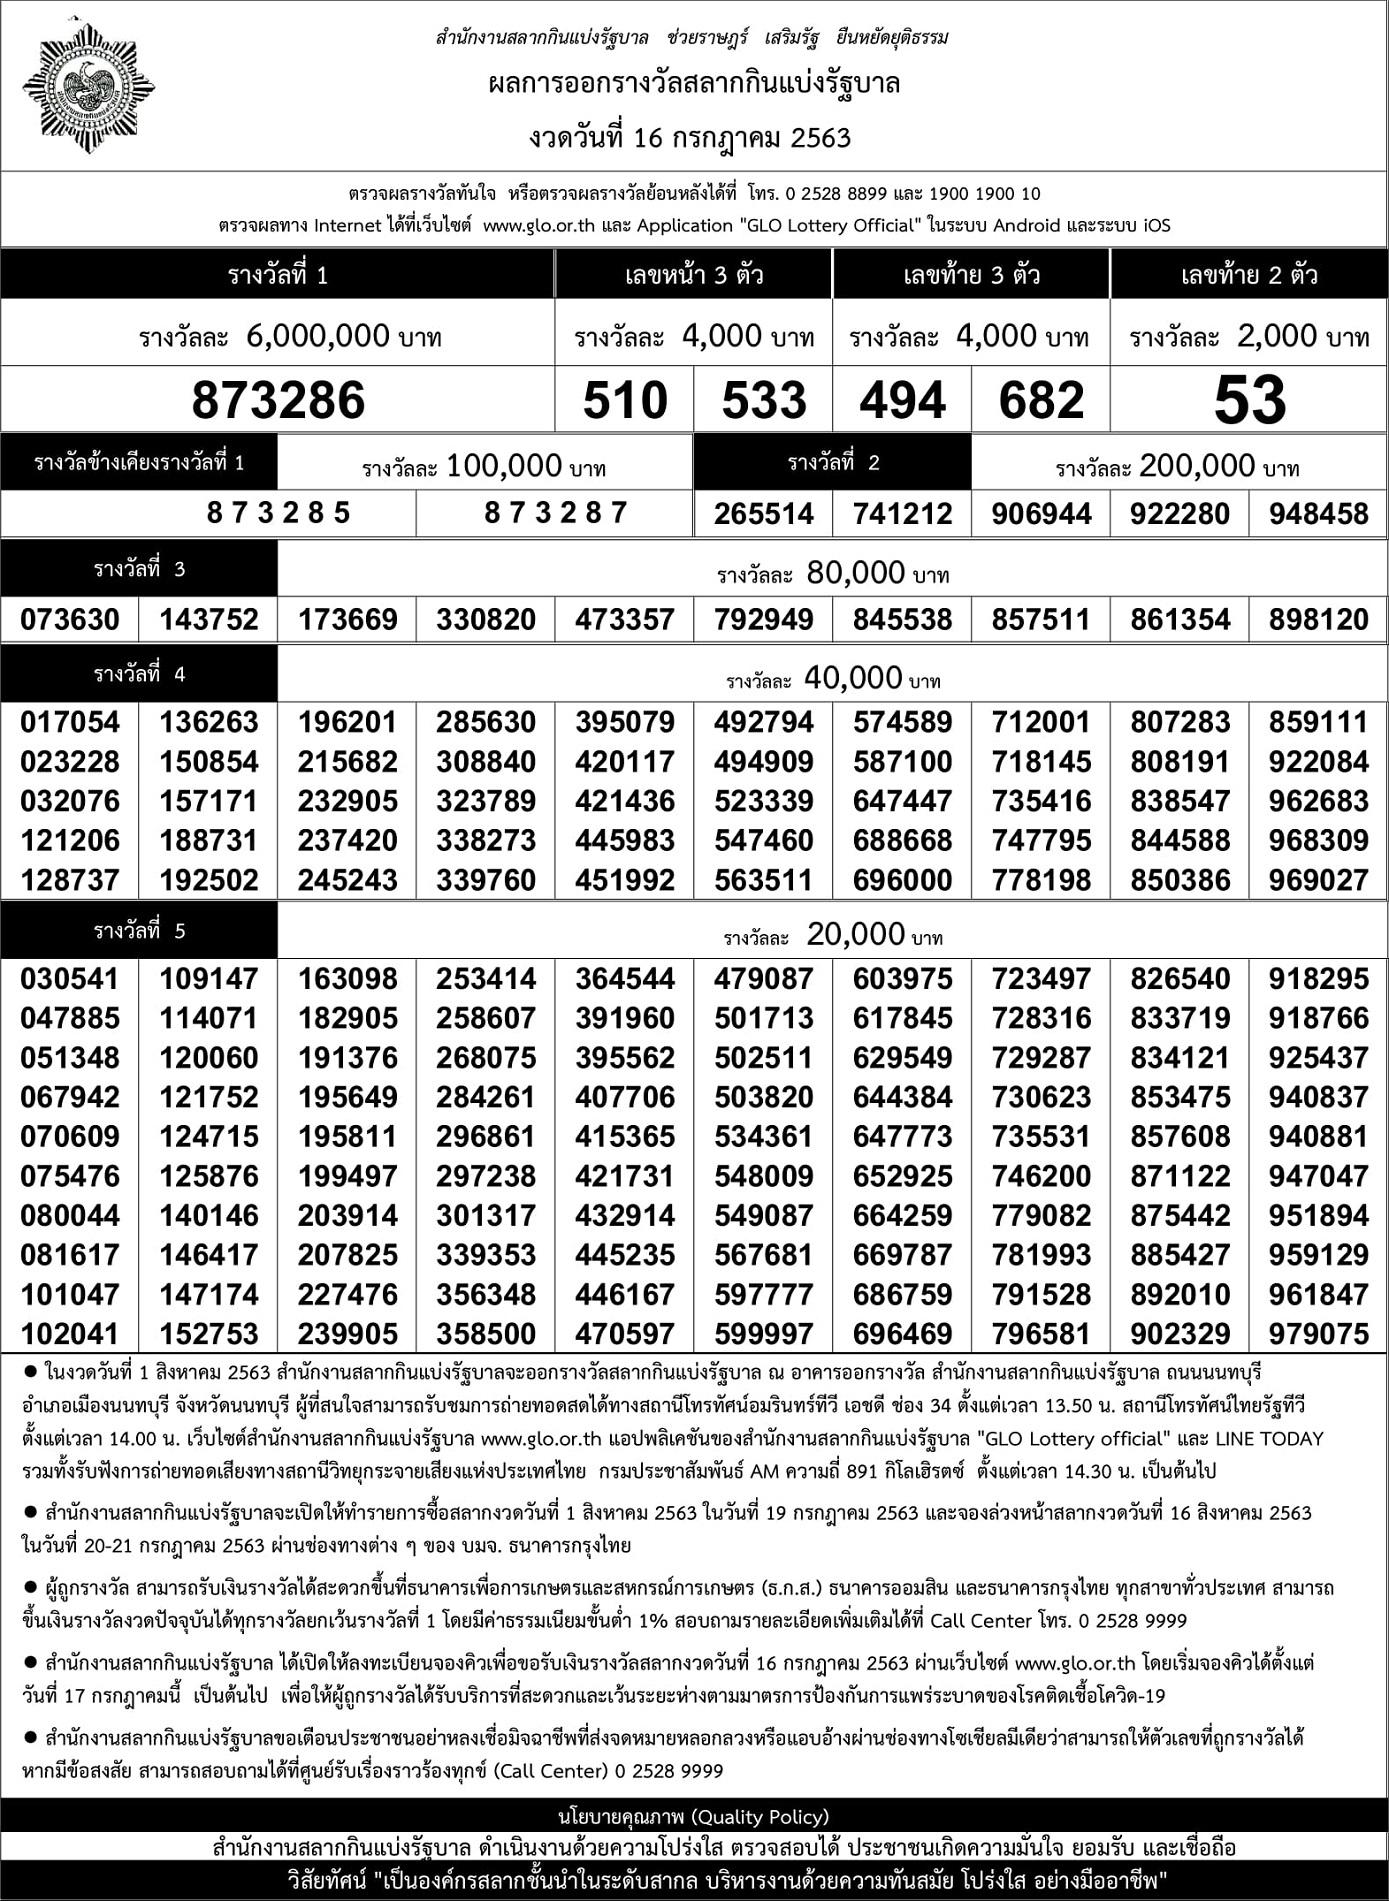 เรียงเบอร์16/07/63 ฉบับมาตรฐานกองสลาก ใบตรวจหวยเรียงตัวเลข